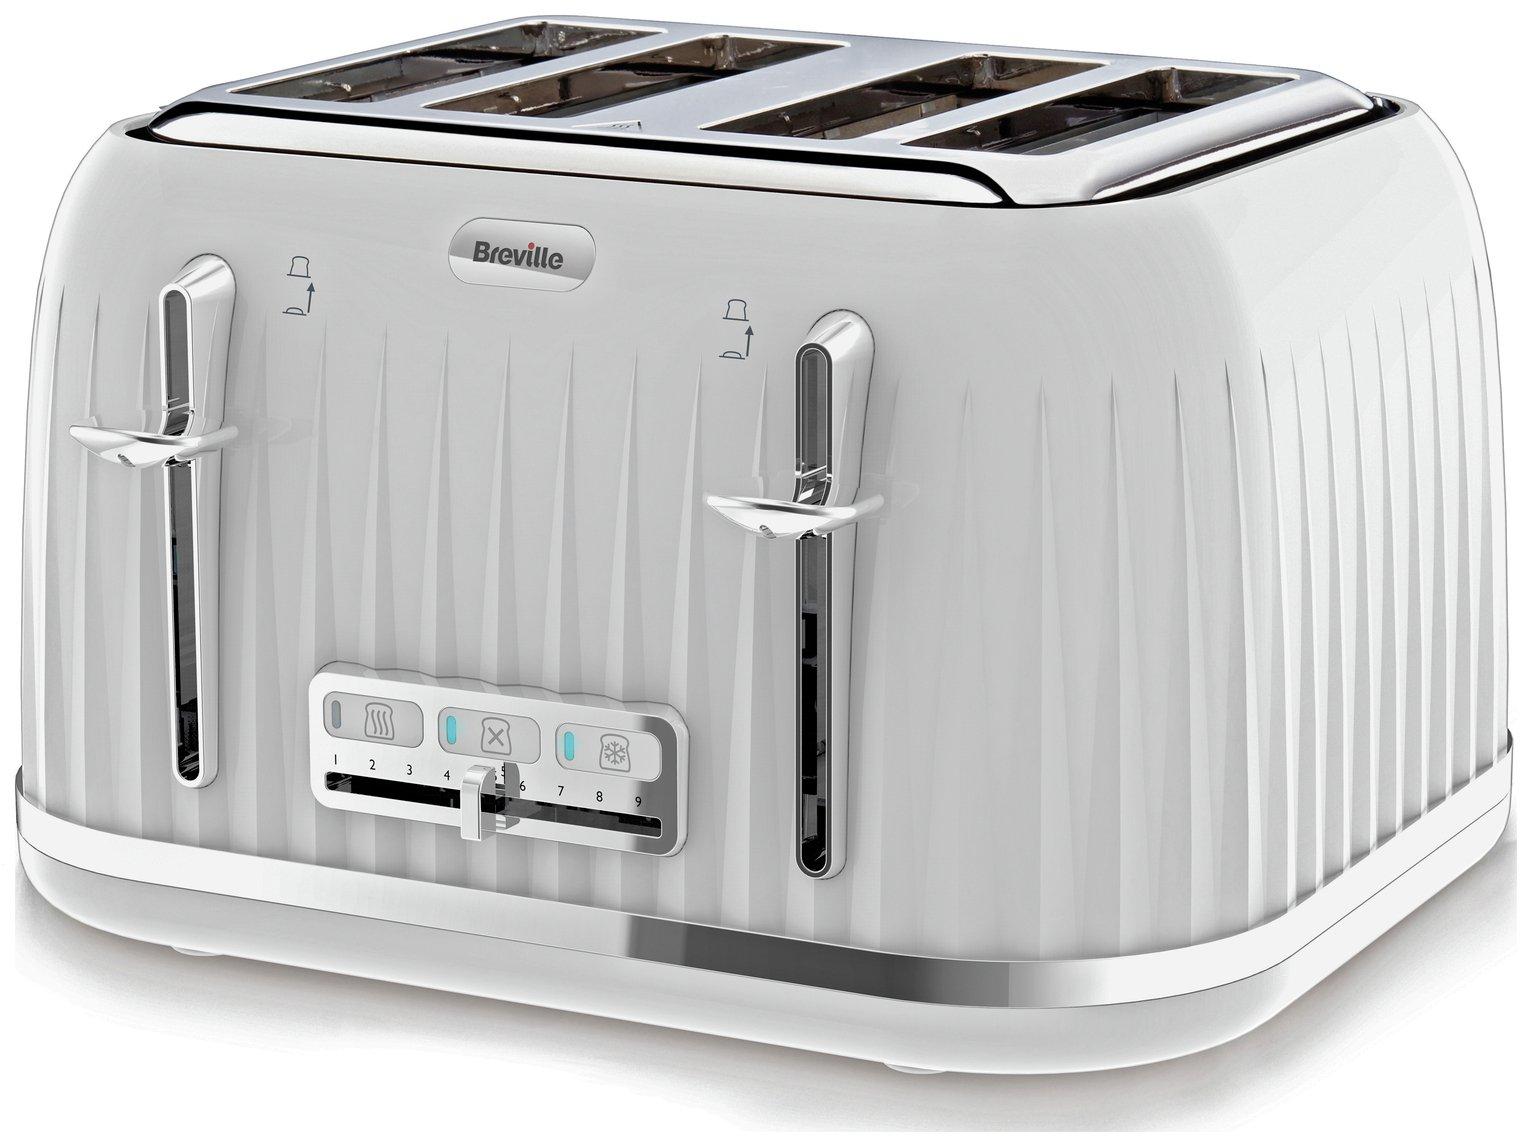 Breville - Toaster - VTT470 Impressions - 4 Slice - White